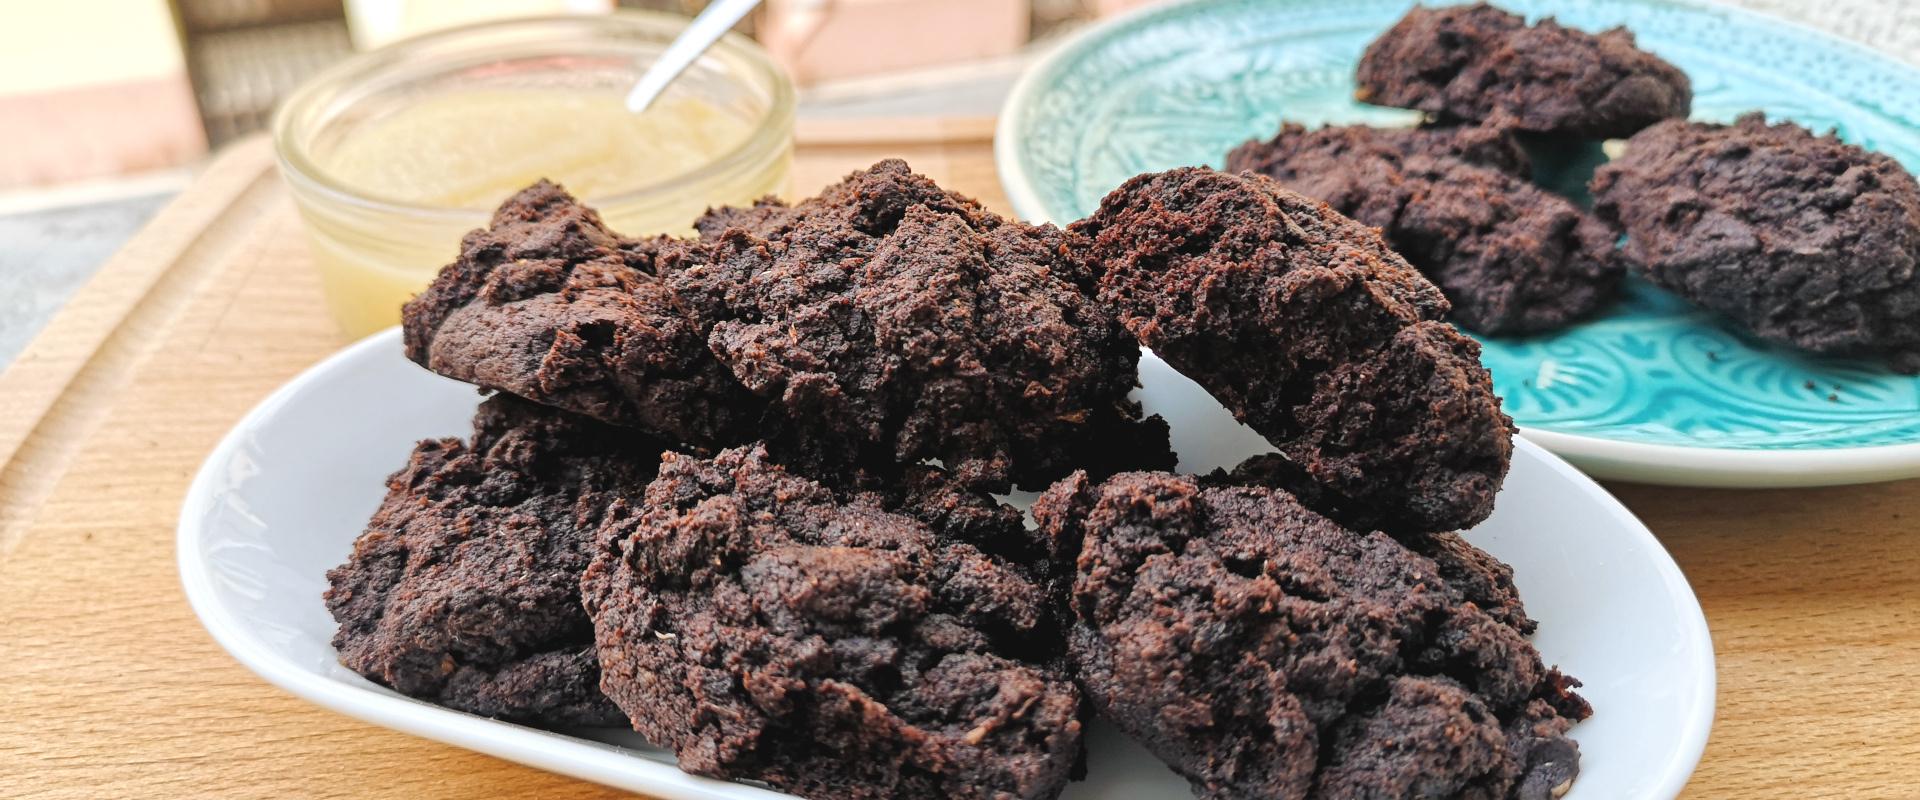 brownie keksz cover